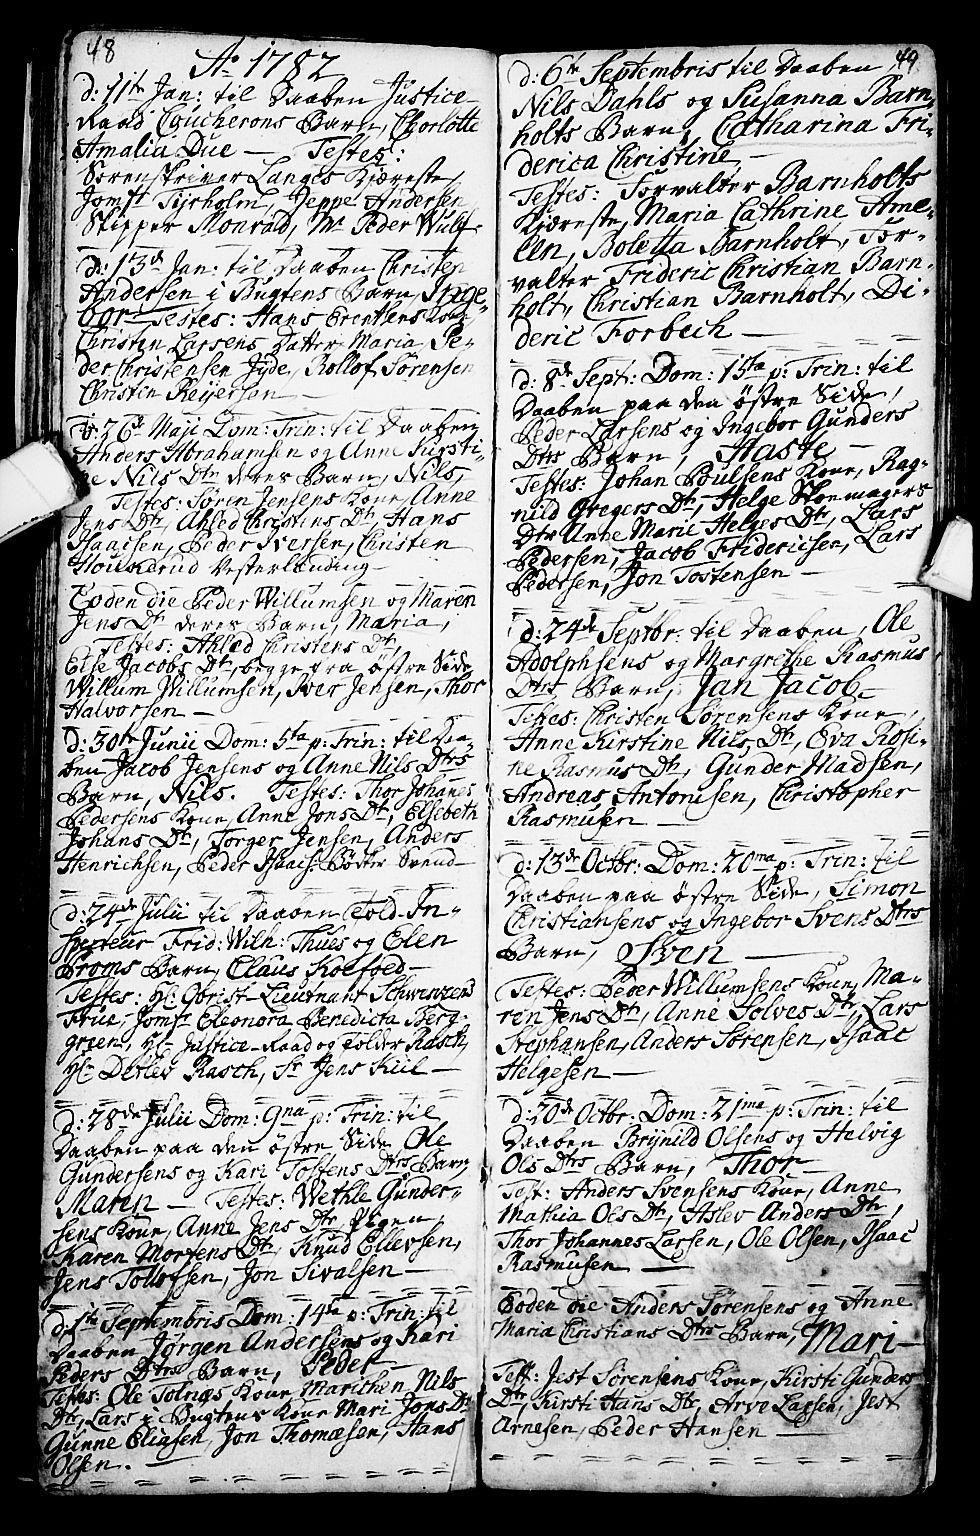 SAKO, Porsgrunn kirkebøker , G/Ga/L0001: Klokkerbok nr. I 1, 1766-1790, s. 48-49